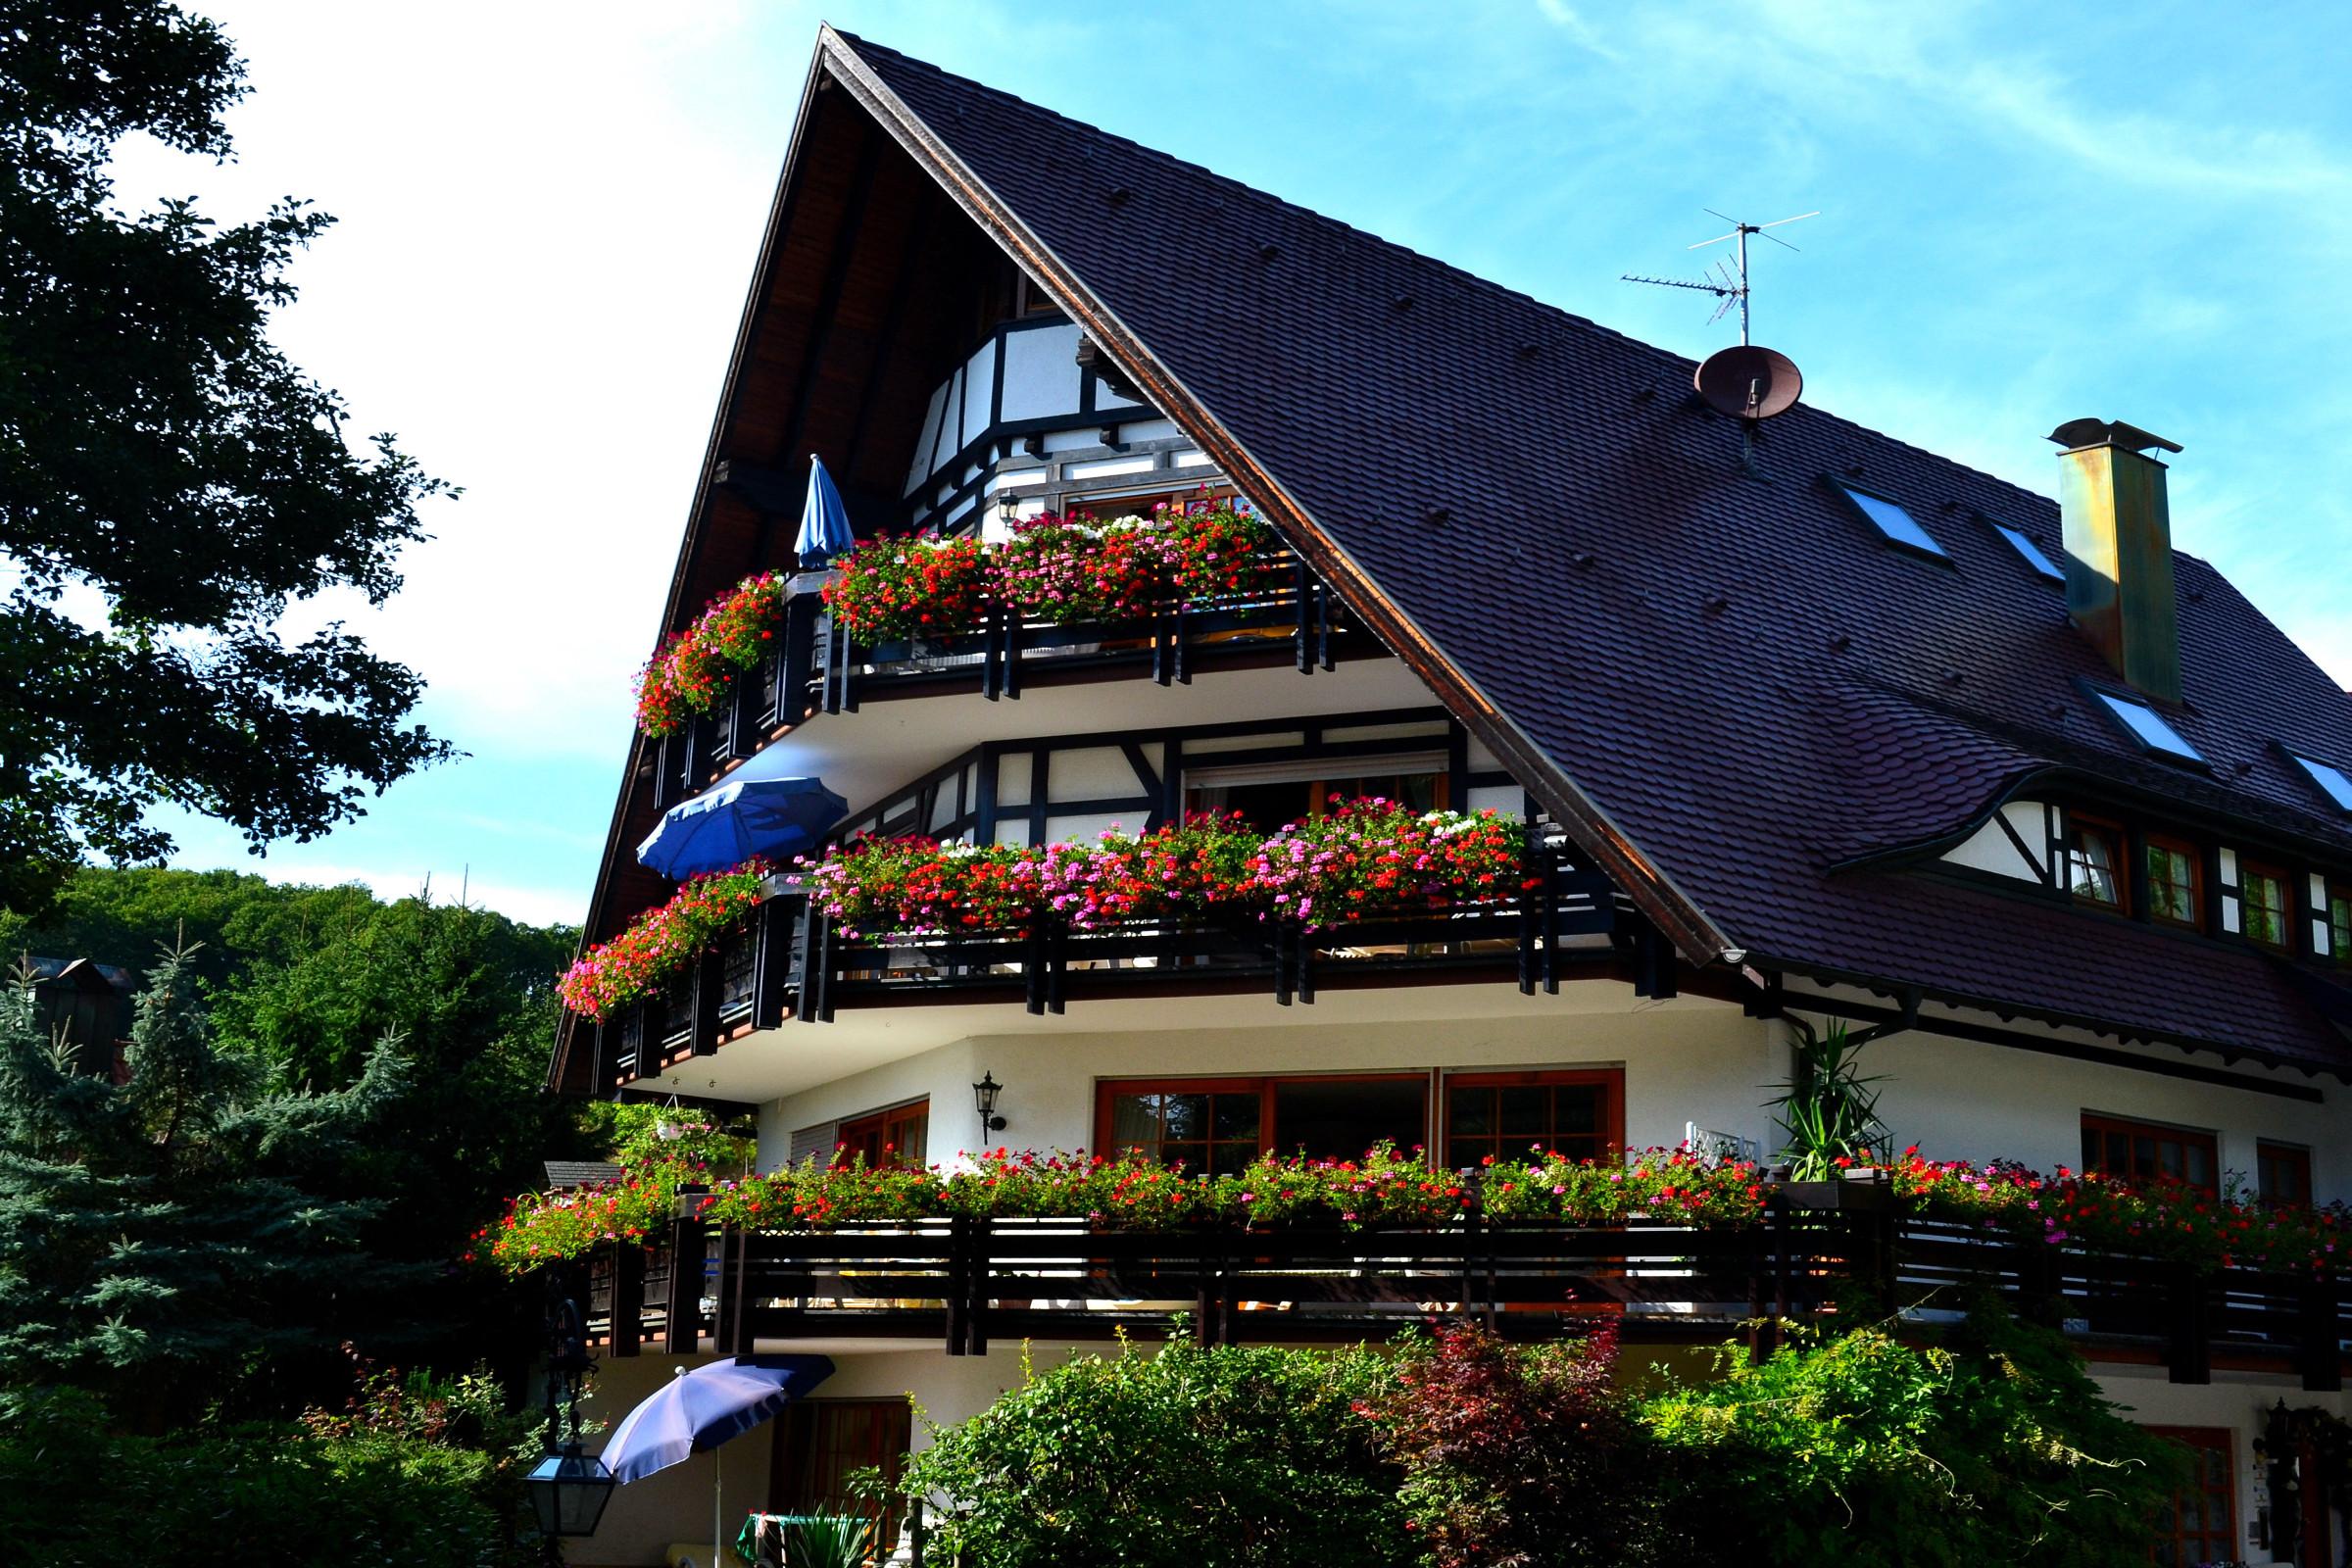 haus bachschwalbe sasbachwalden ferienwohnung nachtigall 50qm 1 schlafzimmer max 2. Black Bedroom Furniture Sets. Home Design Ideas